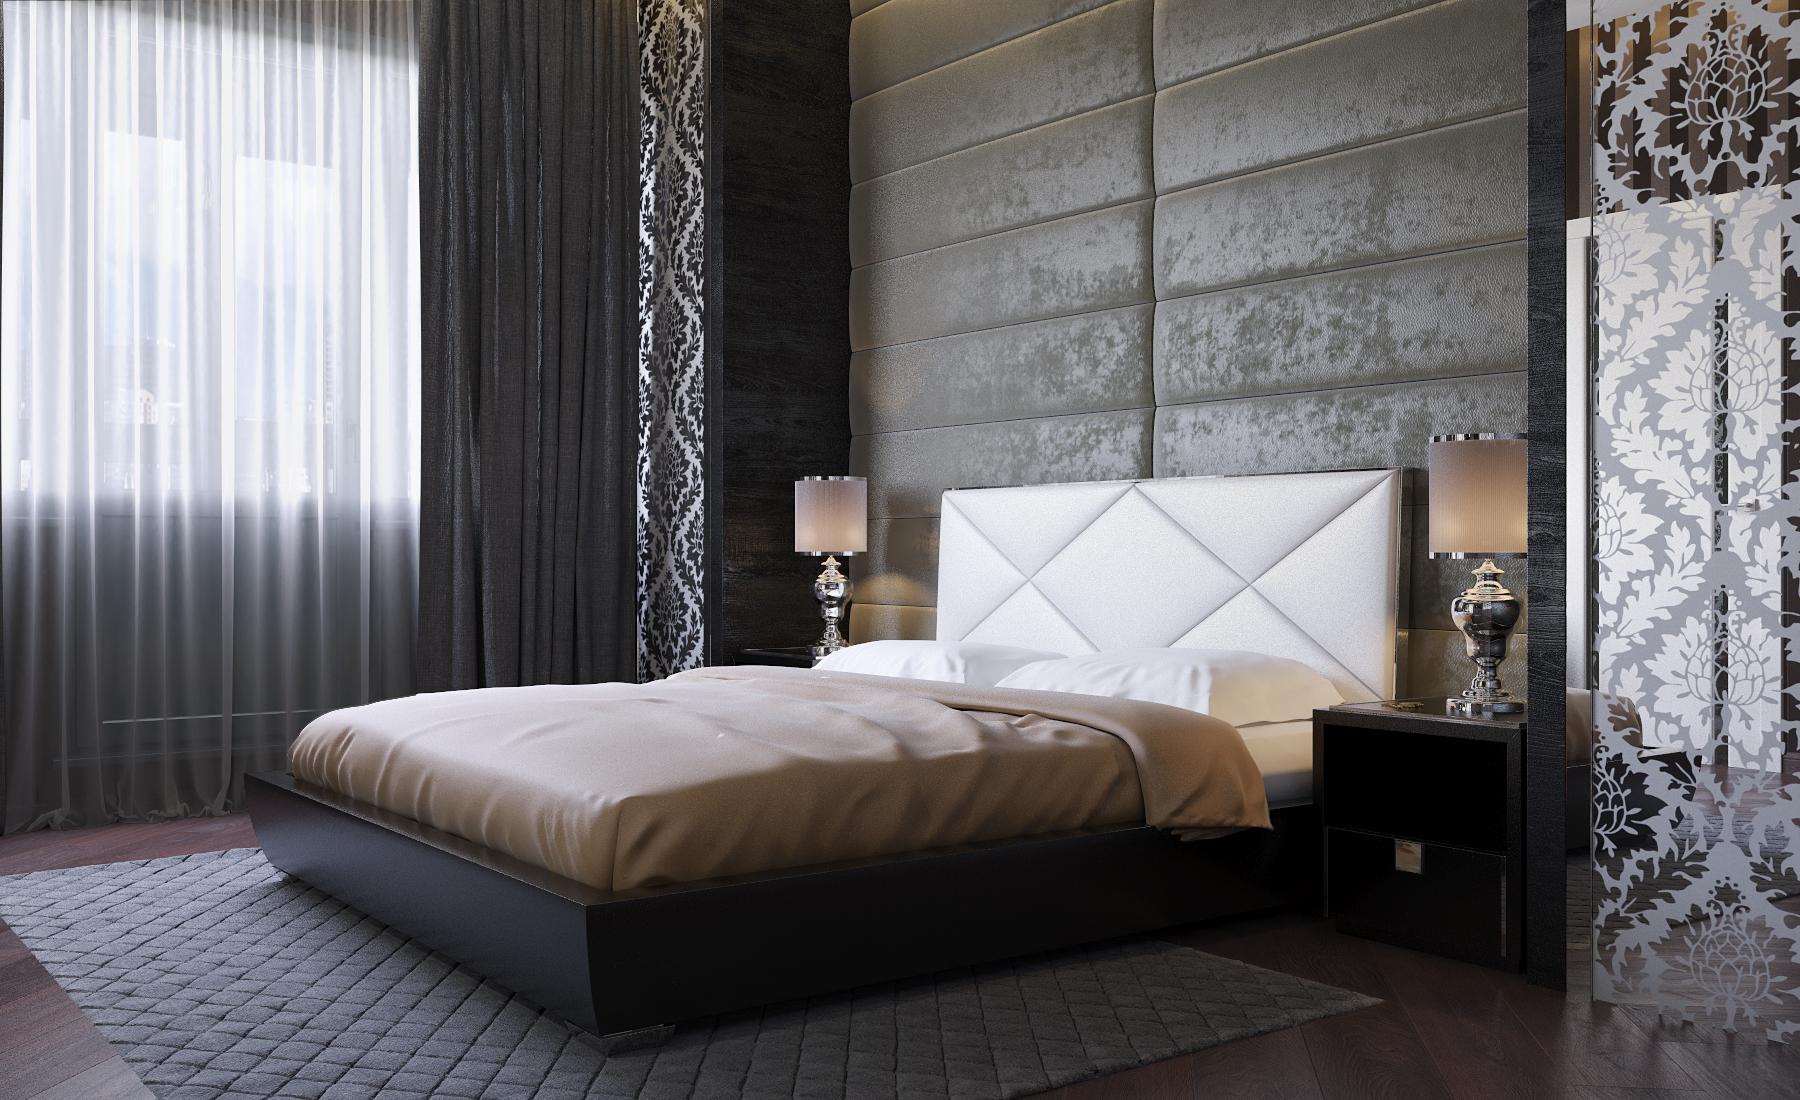 дизайн интерьера спальни (5)